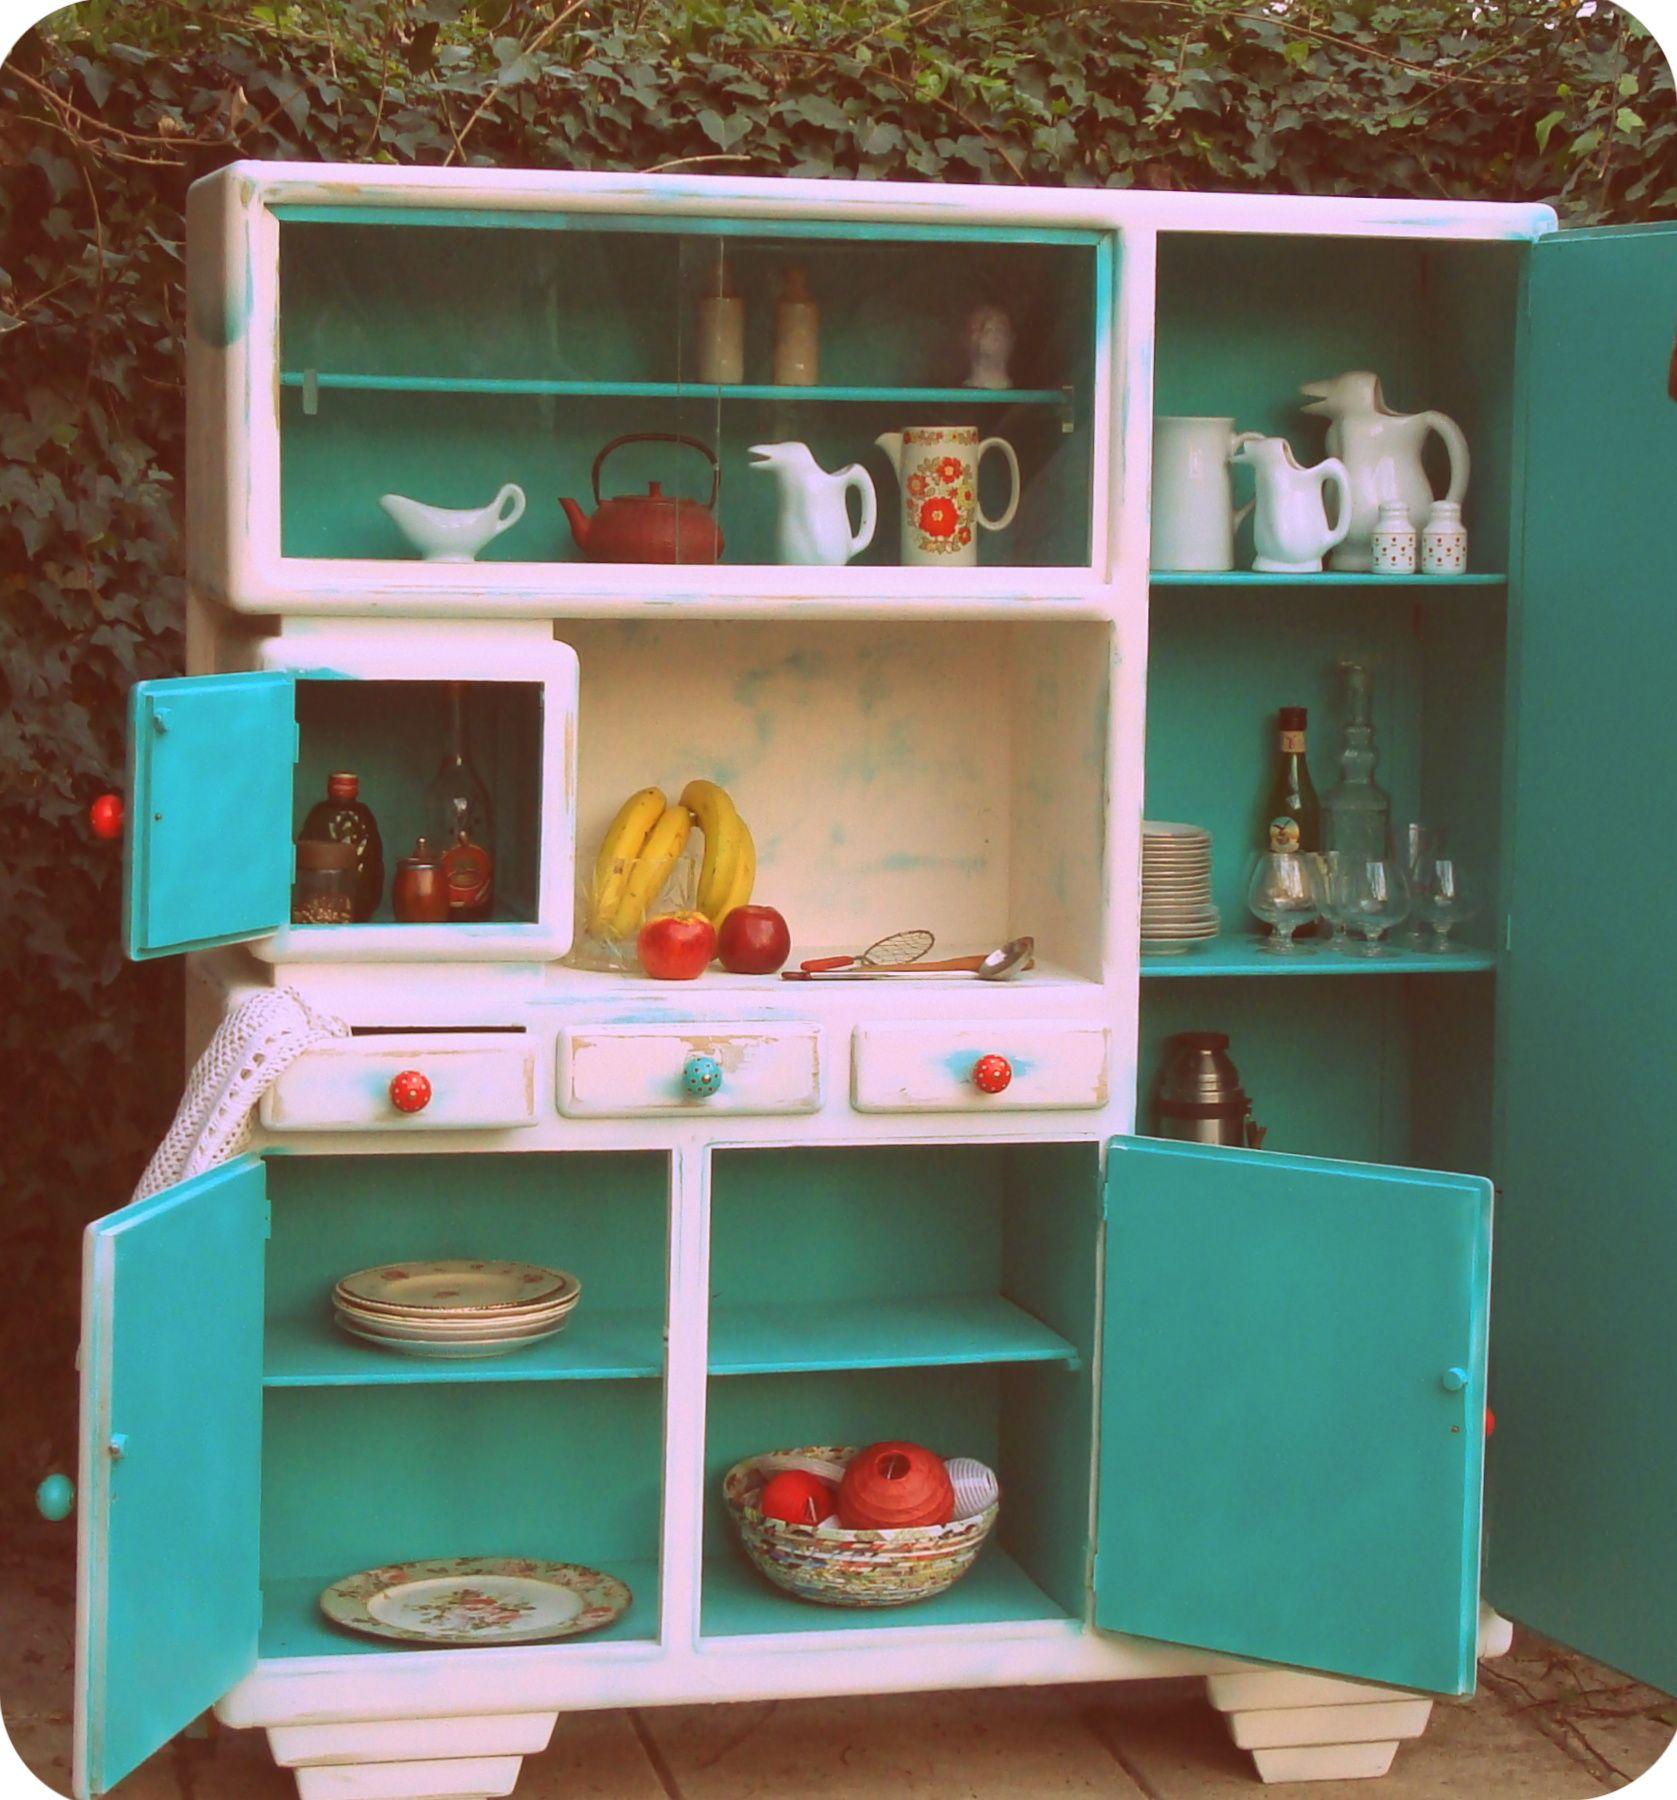 manolo aparador de cocina aos 50 - Aparadores De Cocina